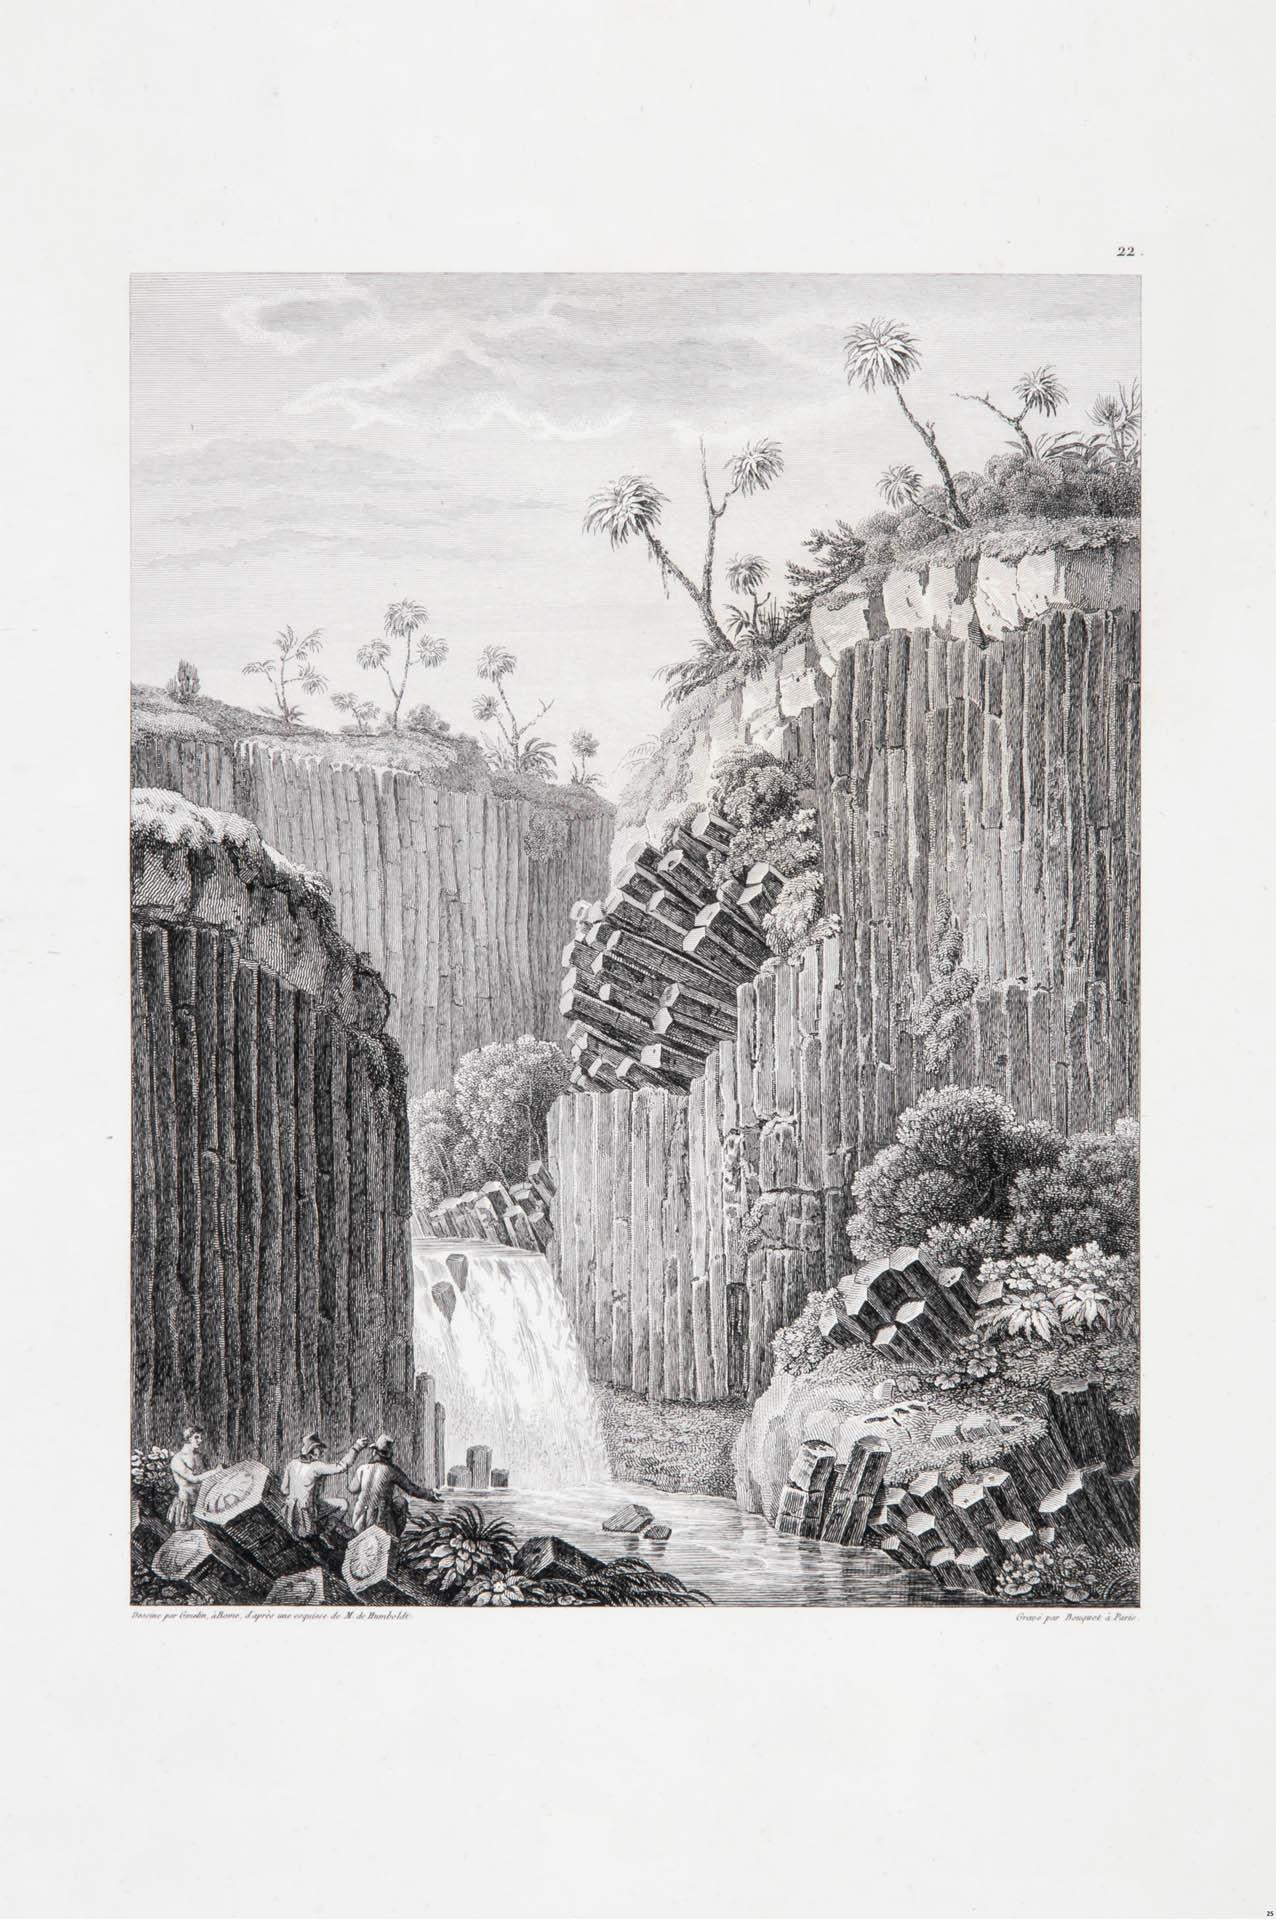 Prismas basálticos y Cascada de Santa María Regla